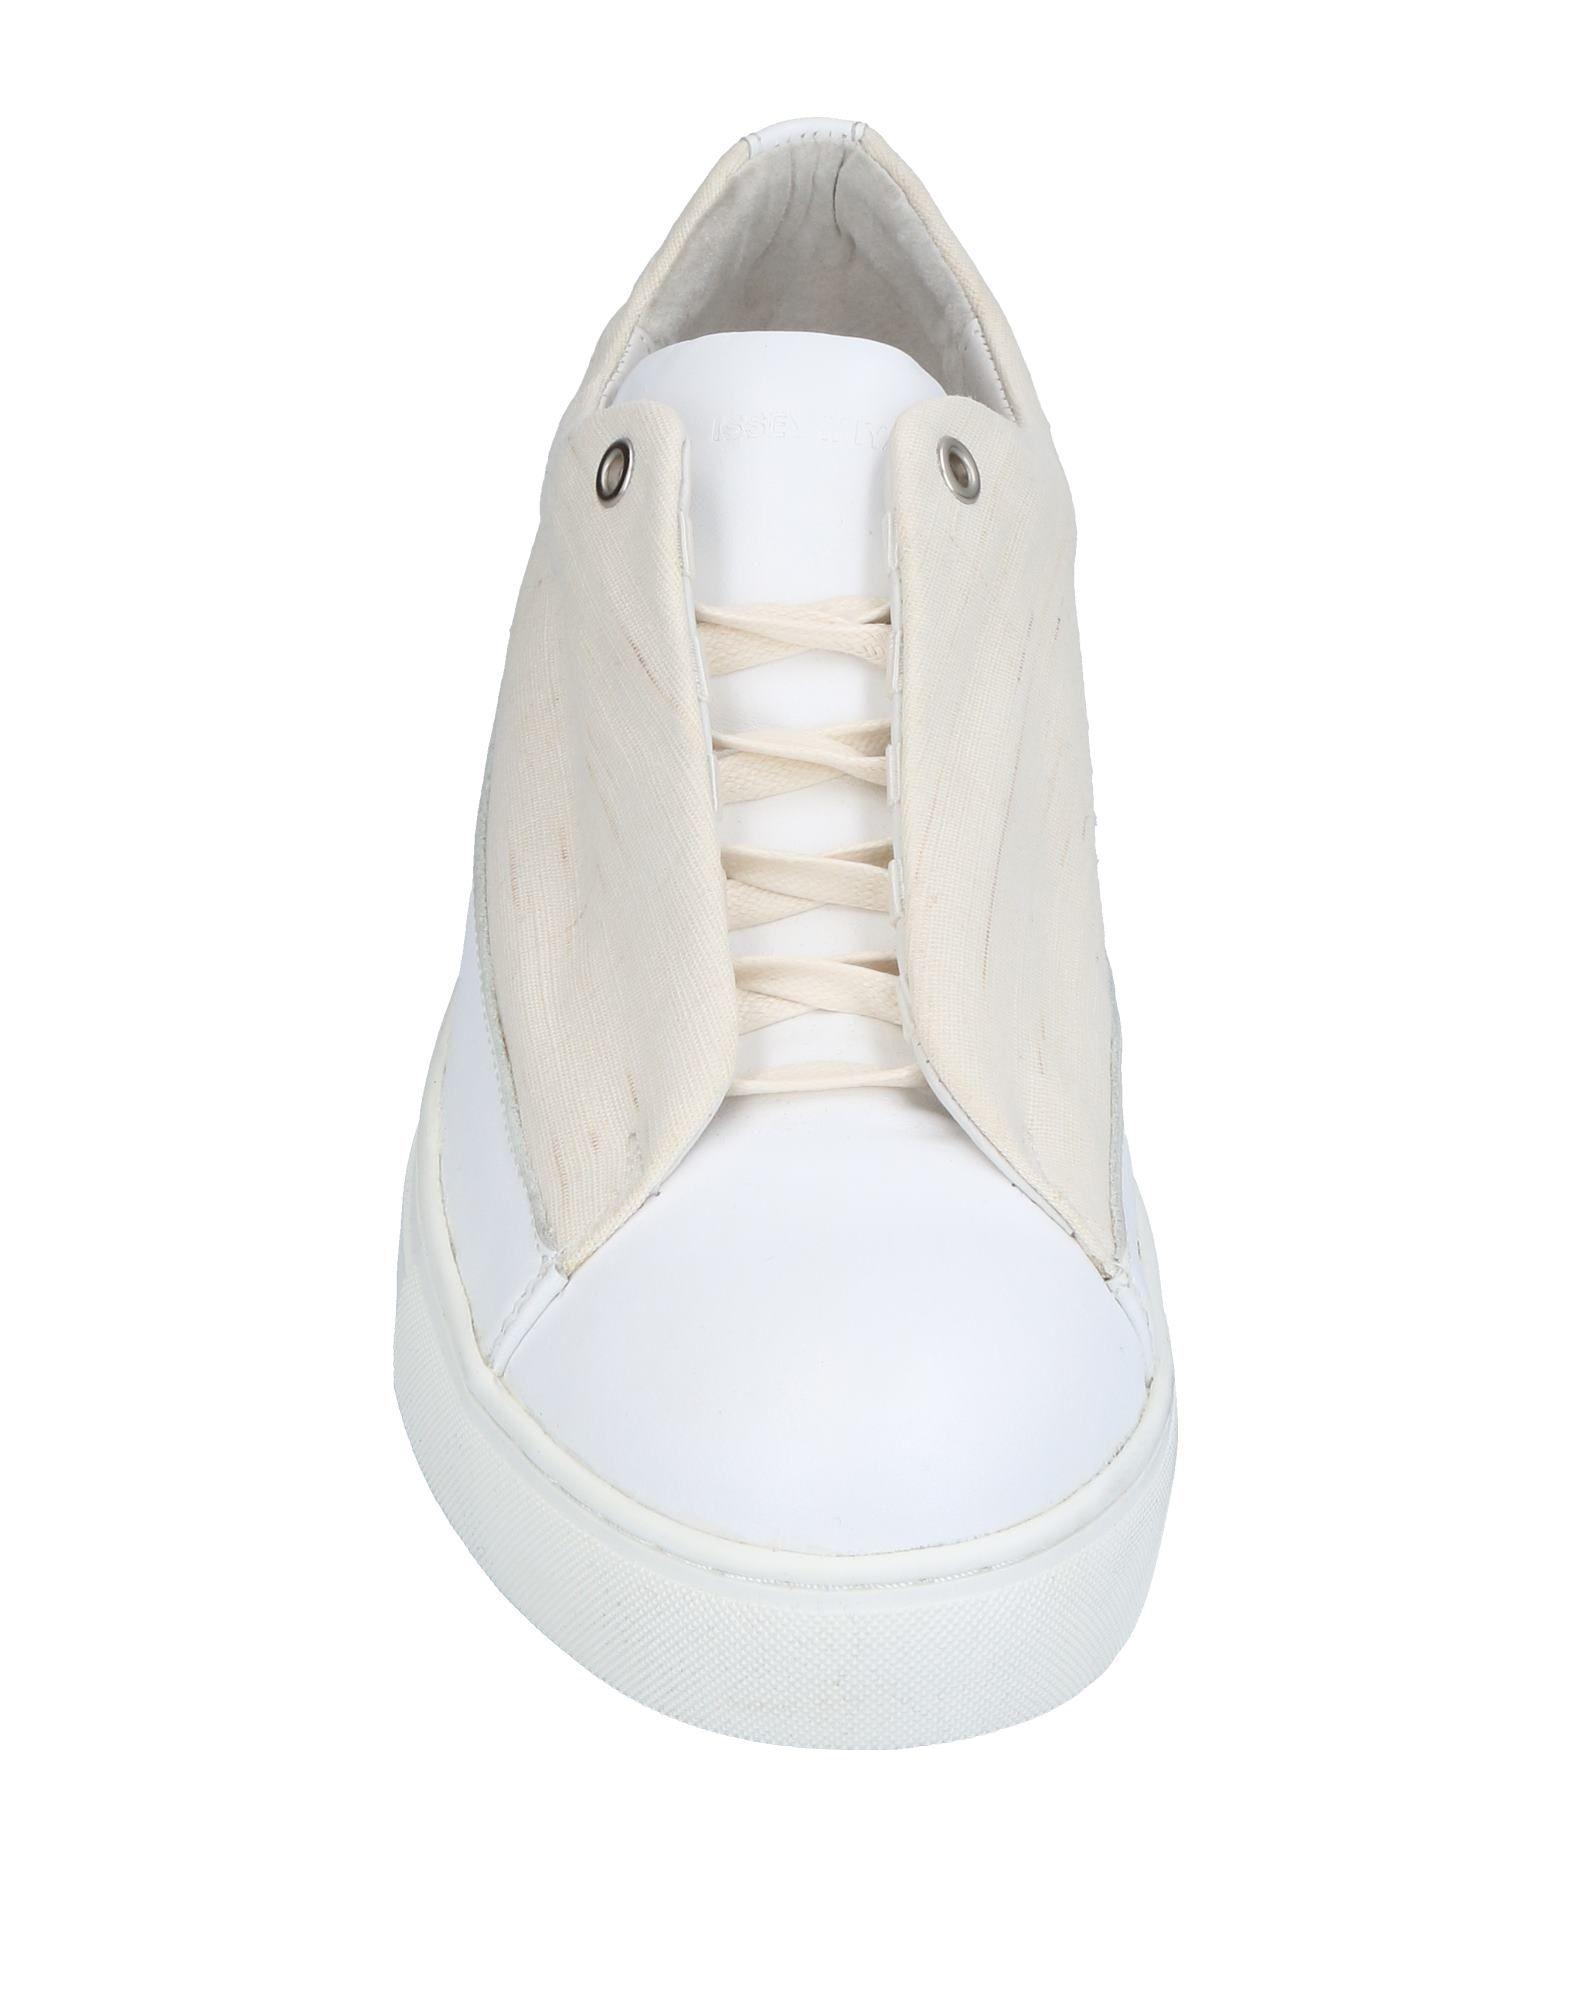 Sneakers Issey Miyake Men Homme - Sneakers Issey Miyake Men sur